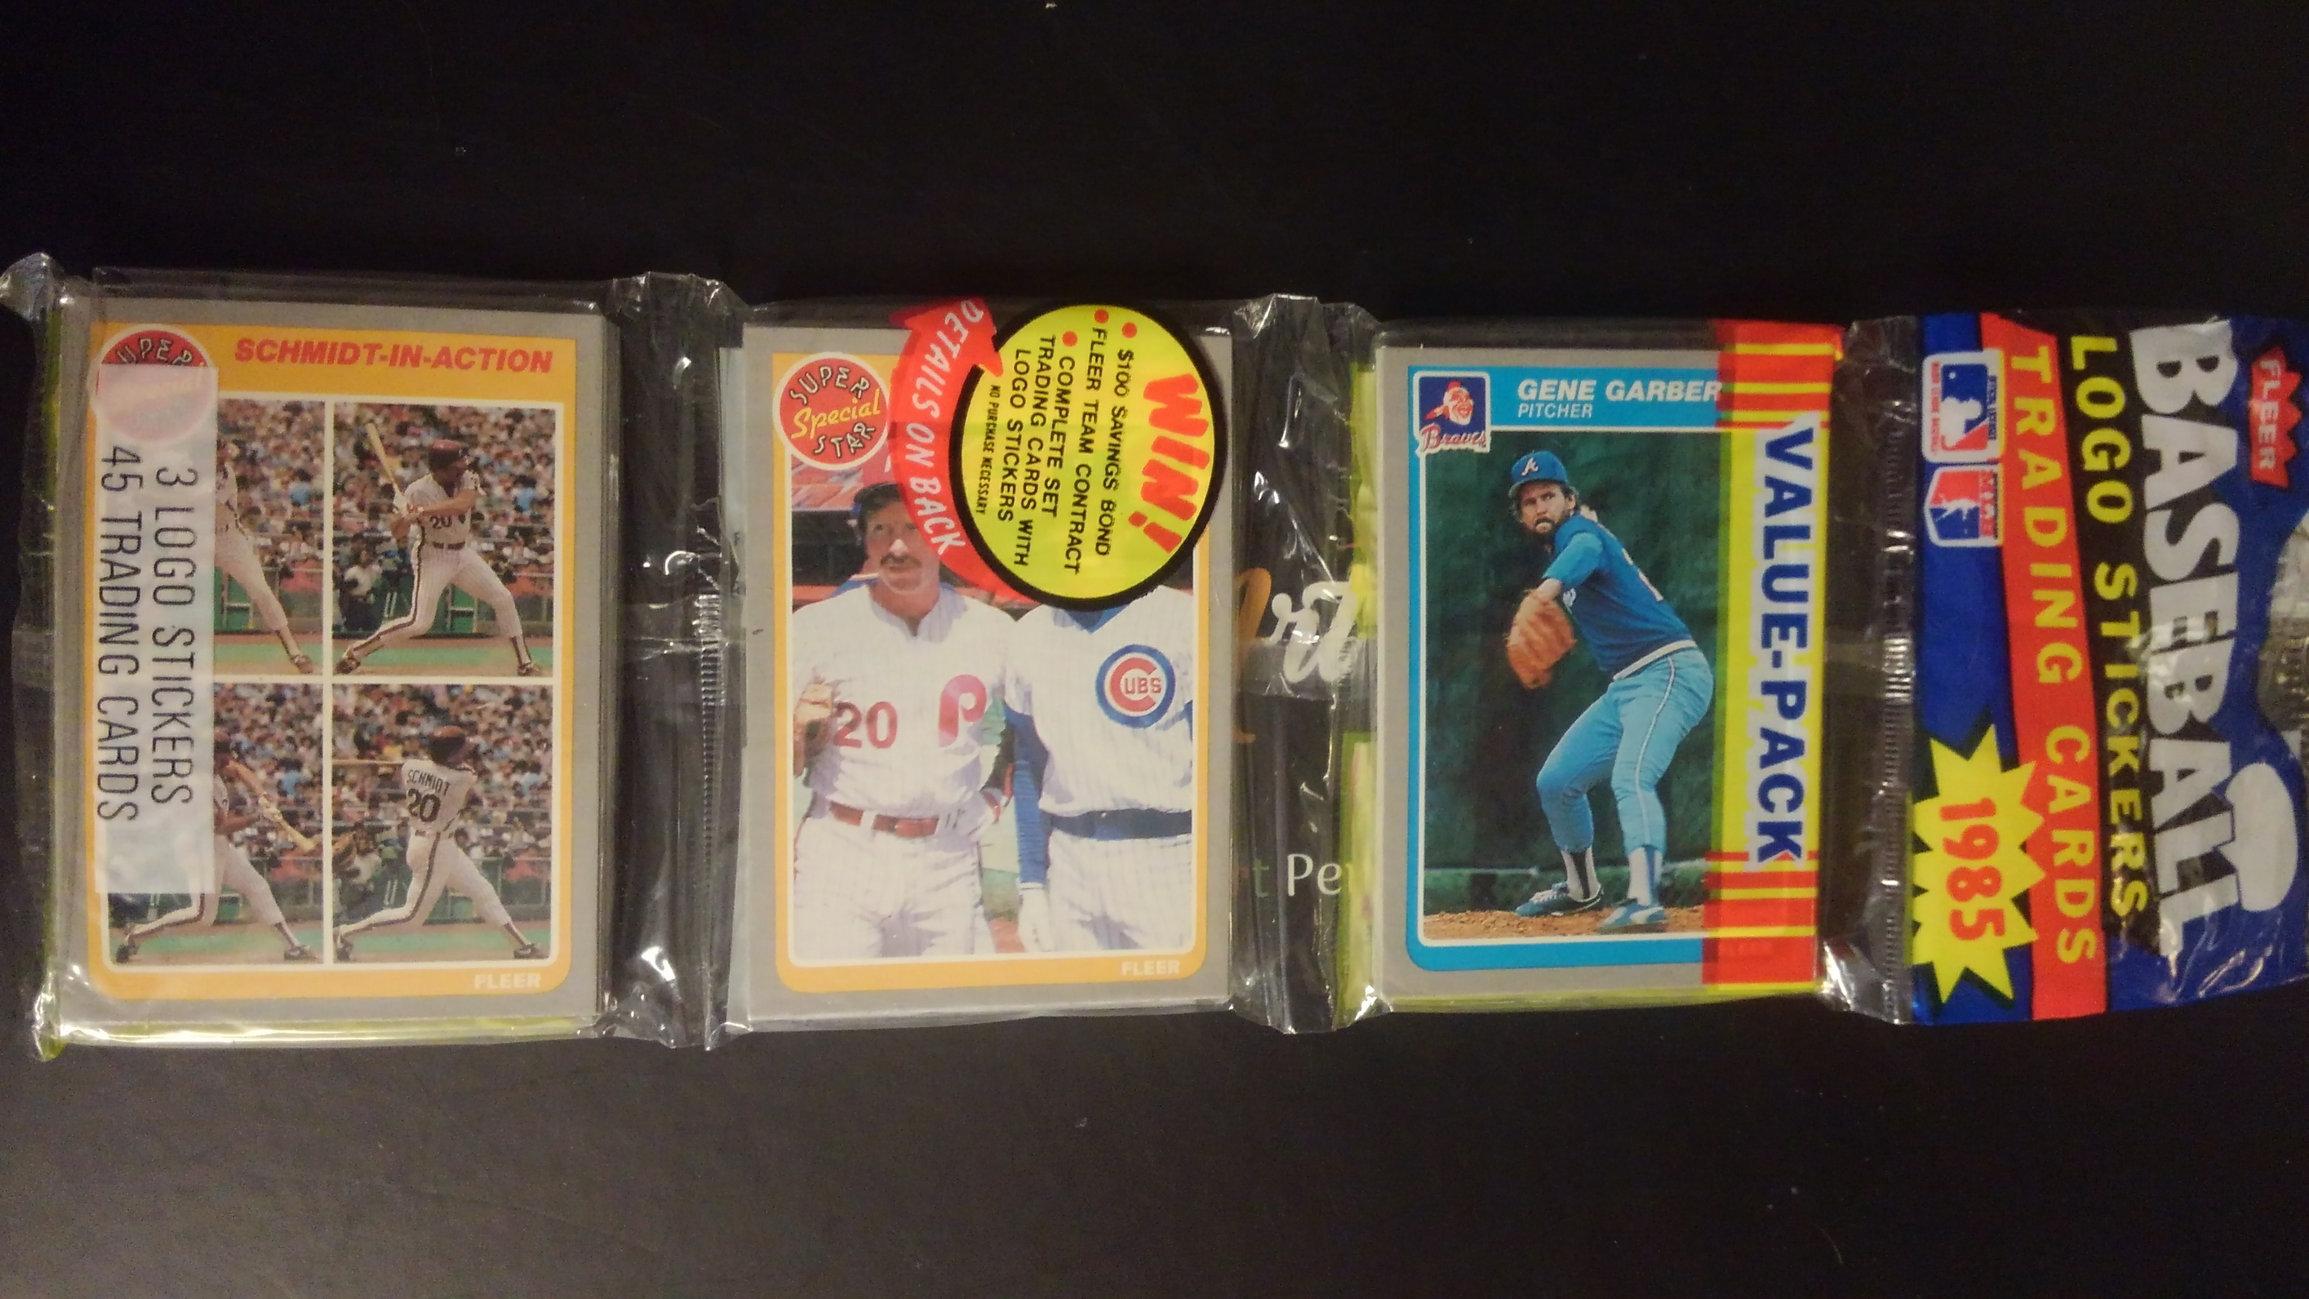 1985 Fleer Baseball Rack Pack Dual Mike Schmidt Cards Showing